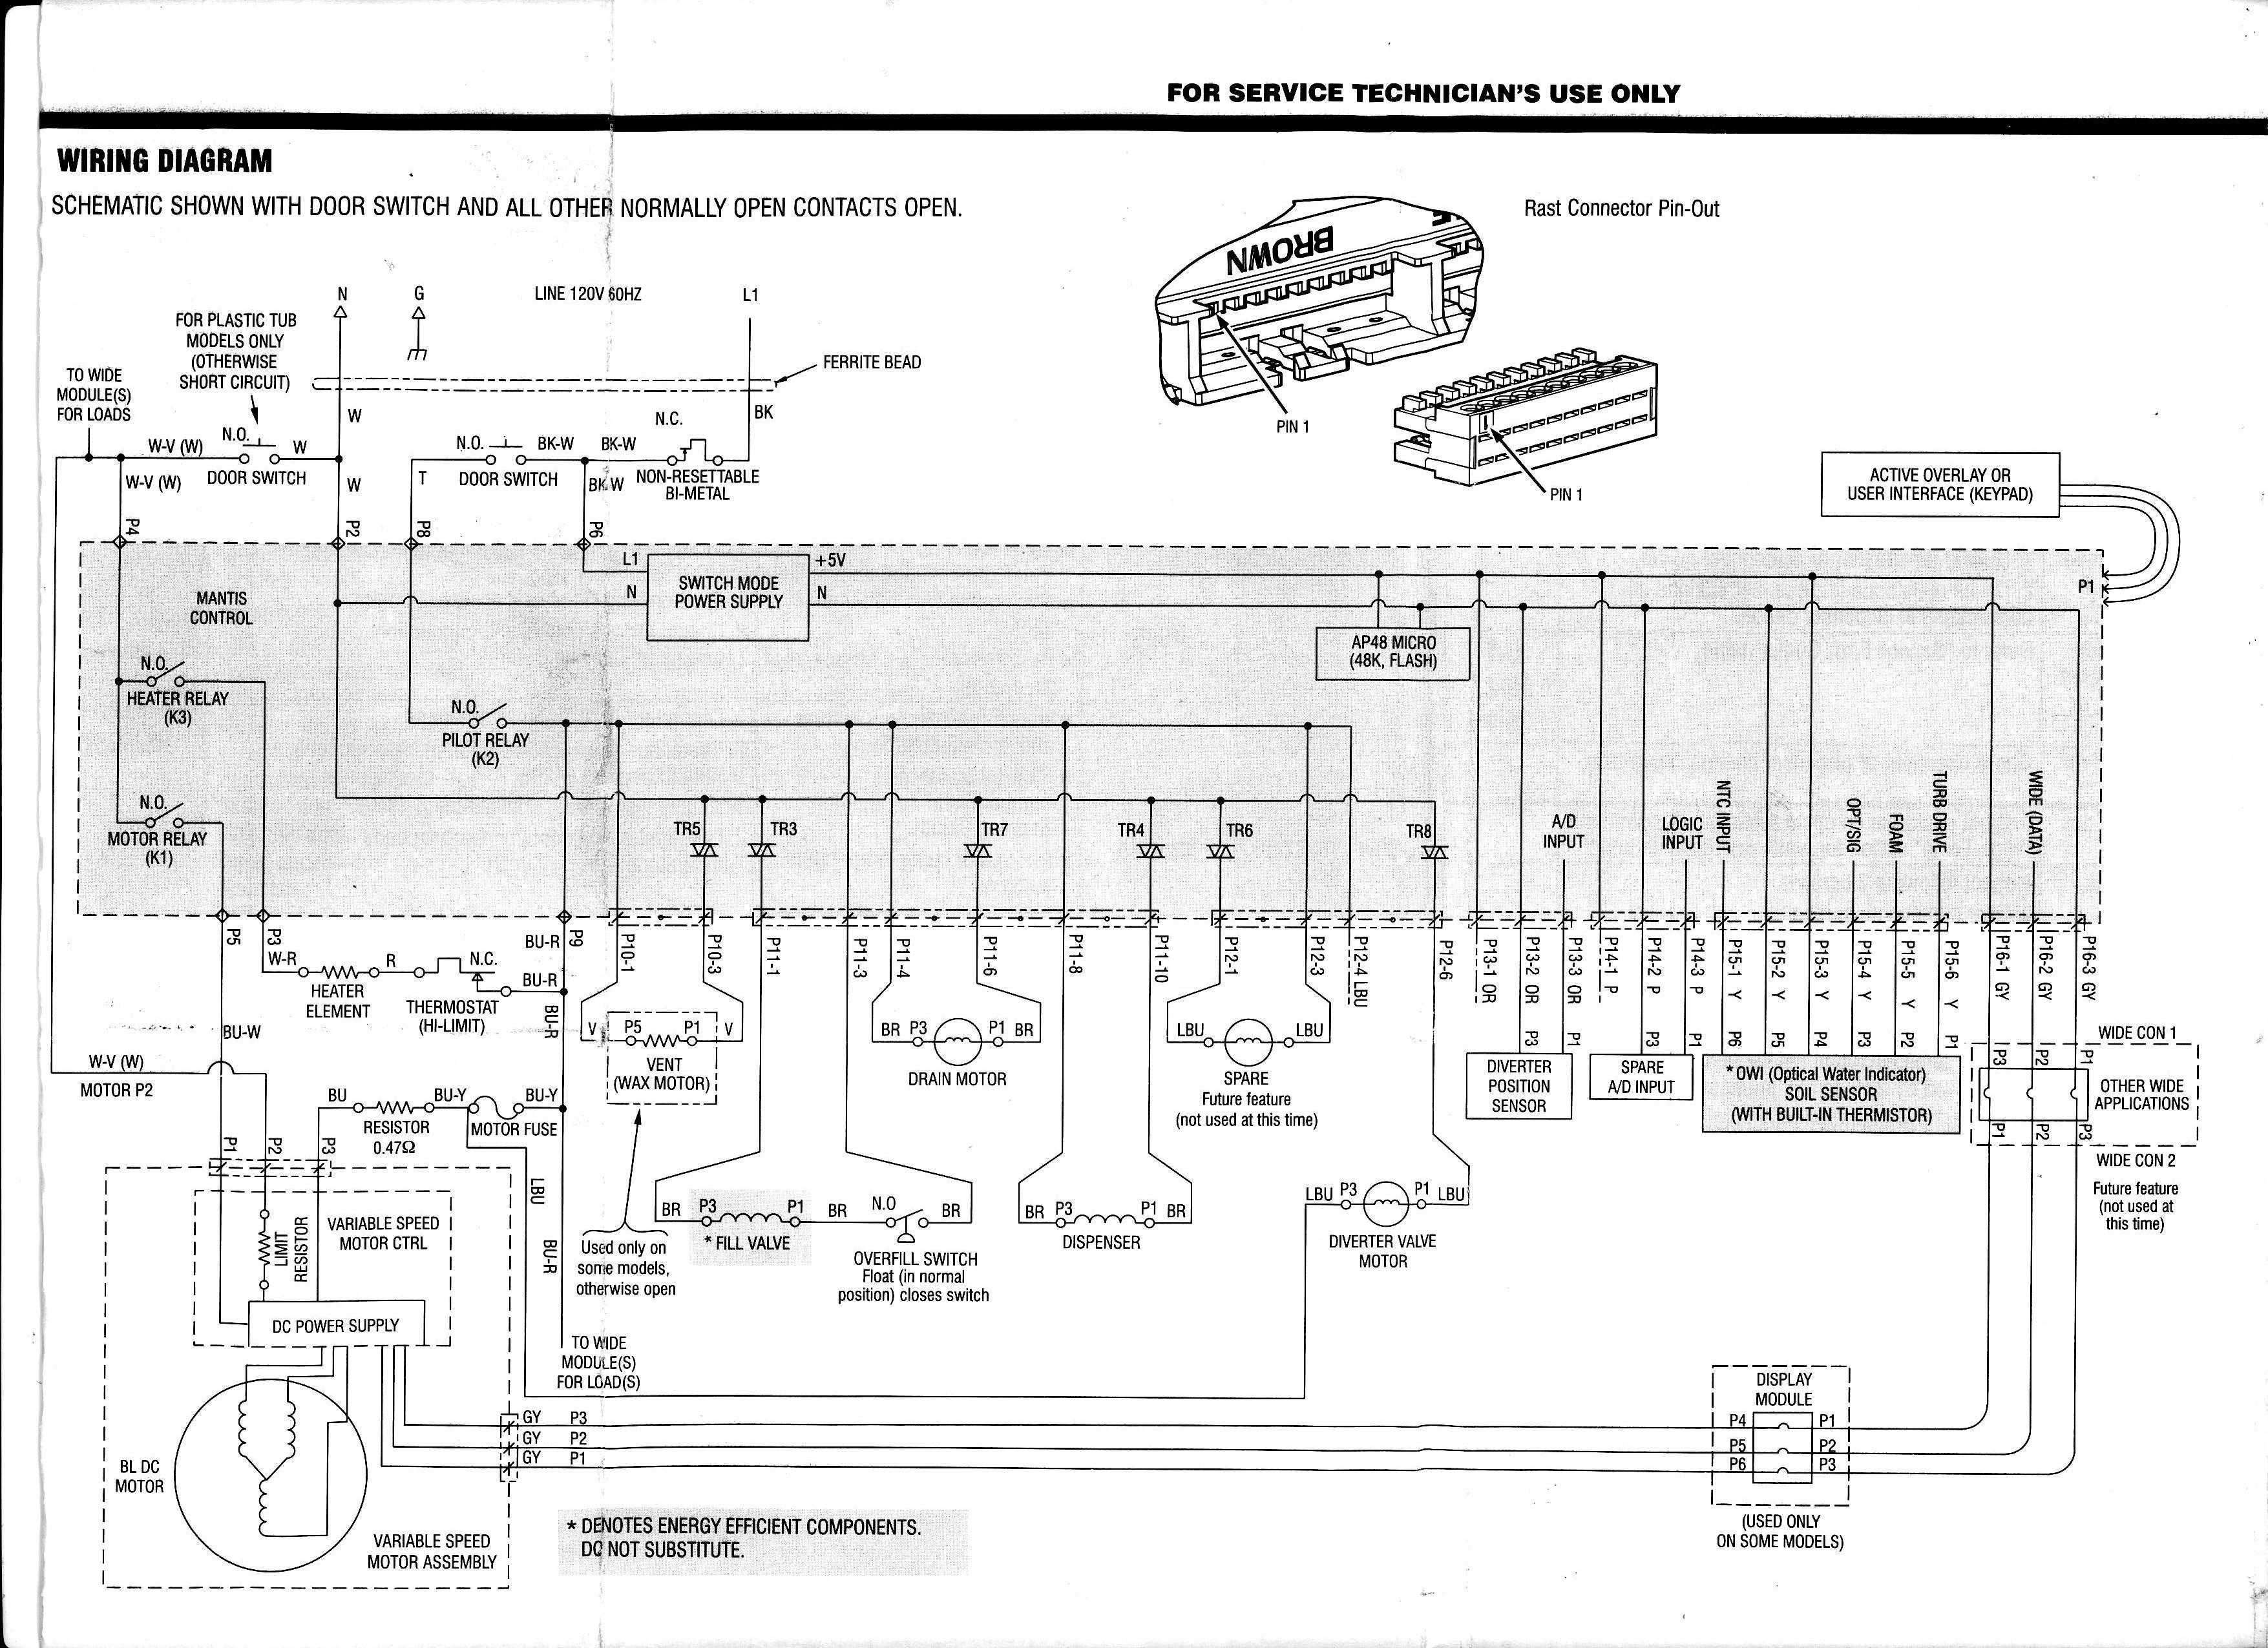 Kenmore dishwasher wiring diagram r to kenmore refrigerator wiring kenmore dishwasher wiring diagram unique international 4700 wiring diagram pdf diagram of kenmore dishwasher wiring diagram asfbconference2016 Choice Image